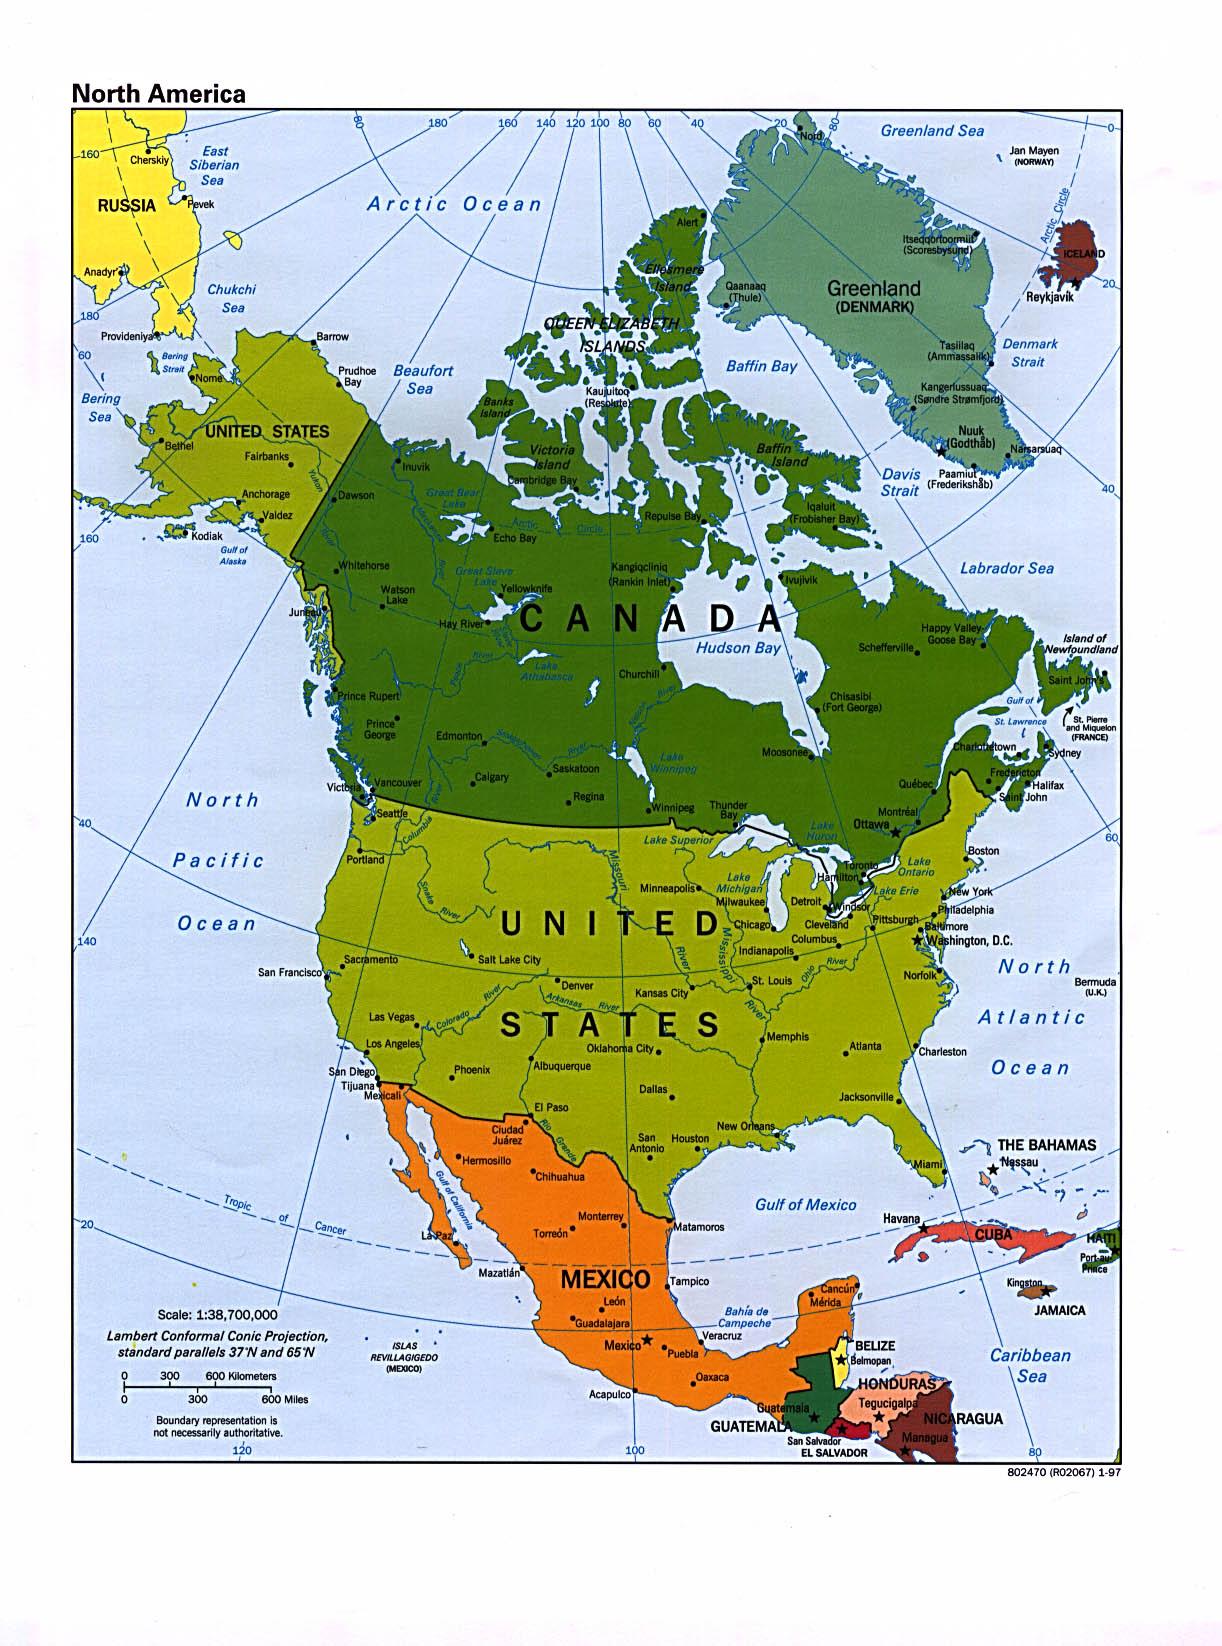 美國五十州英文名稱, 中文名稱, 及縮寫 (有地圖)